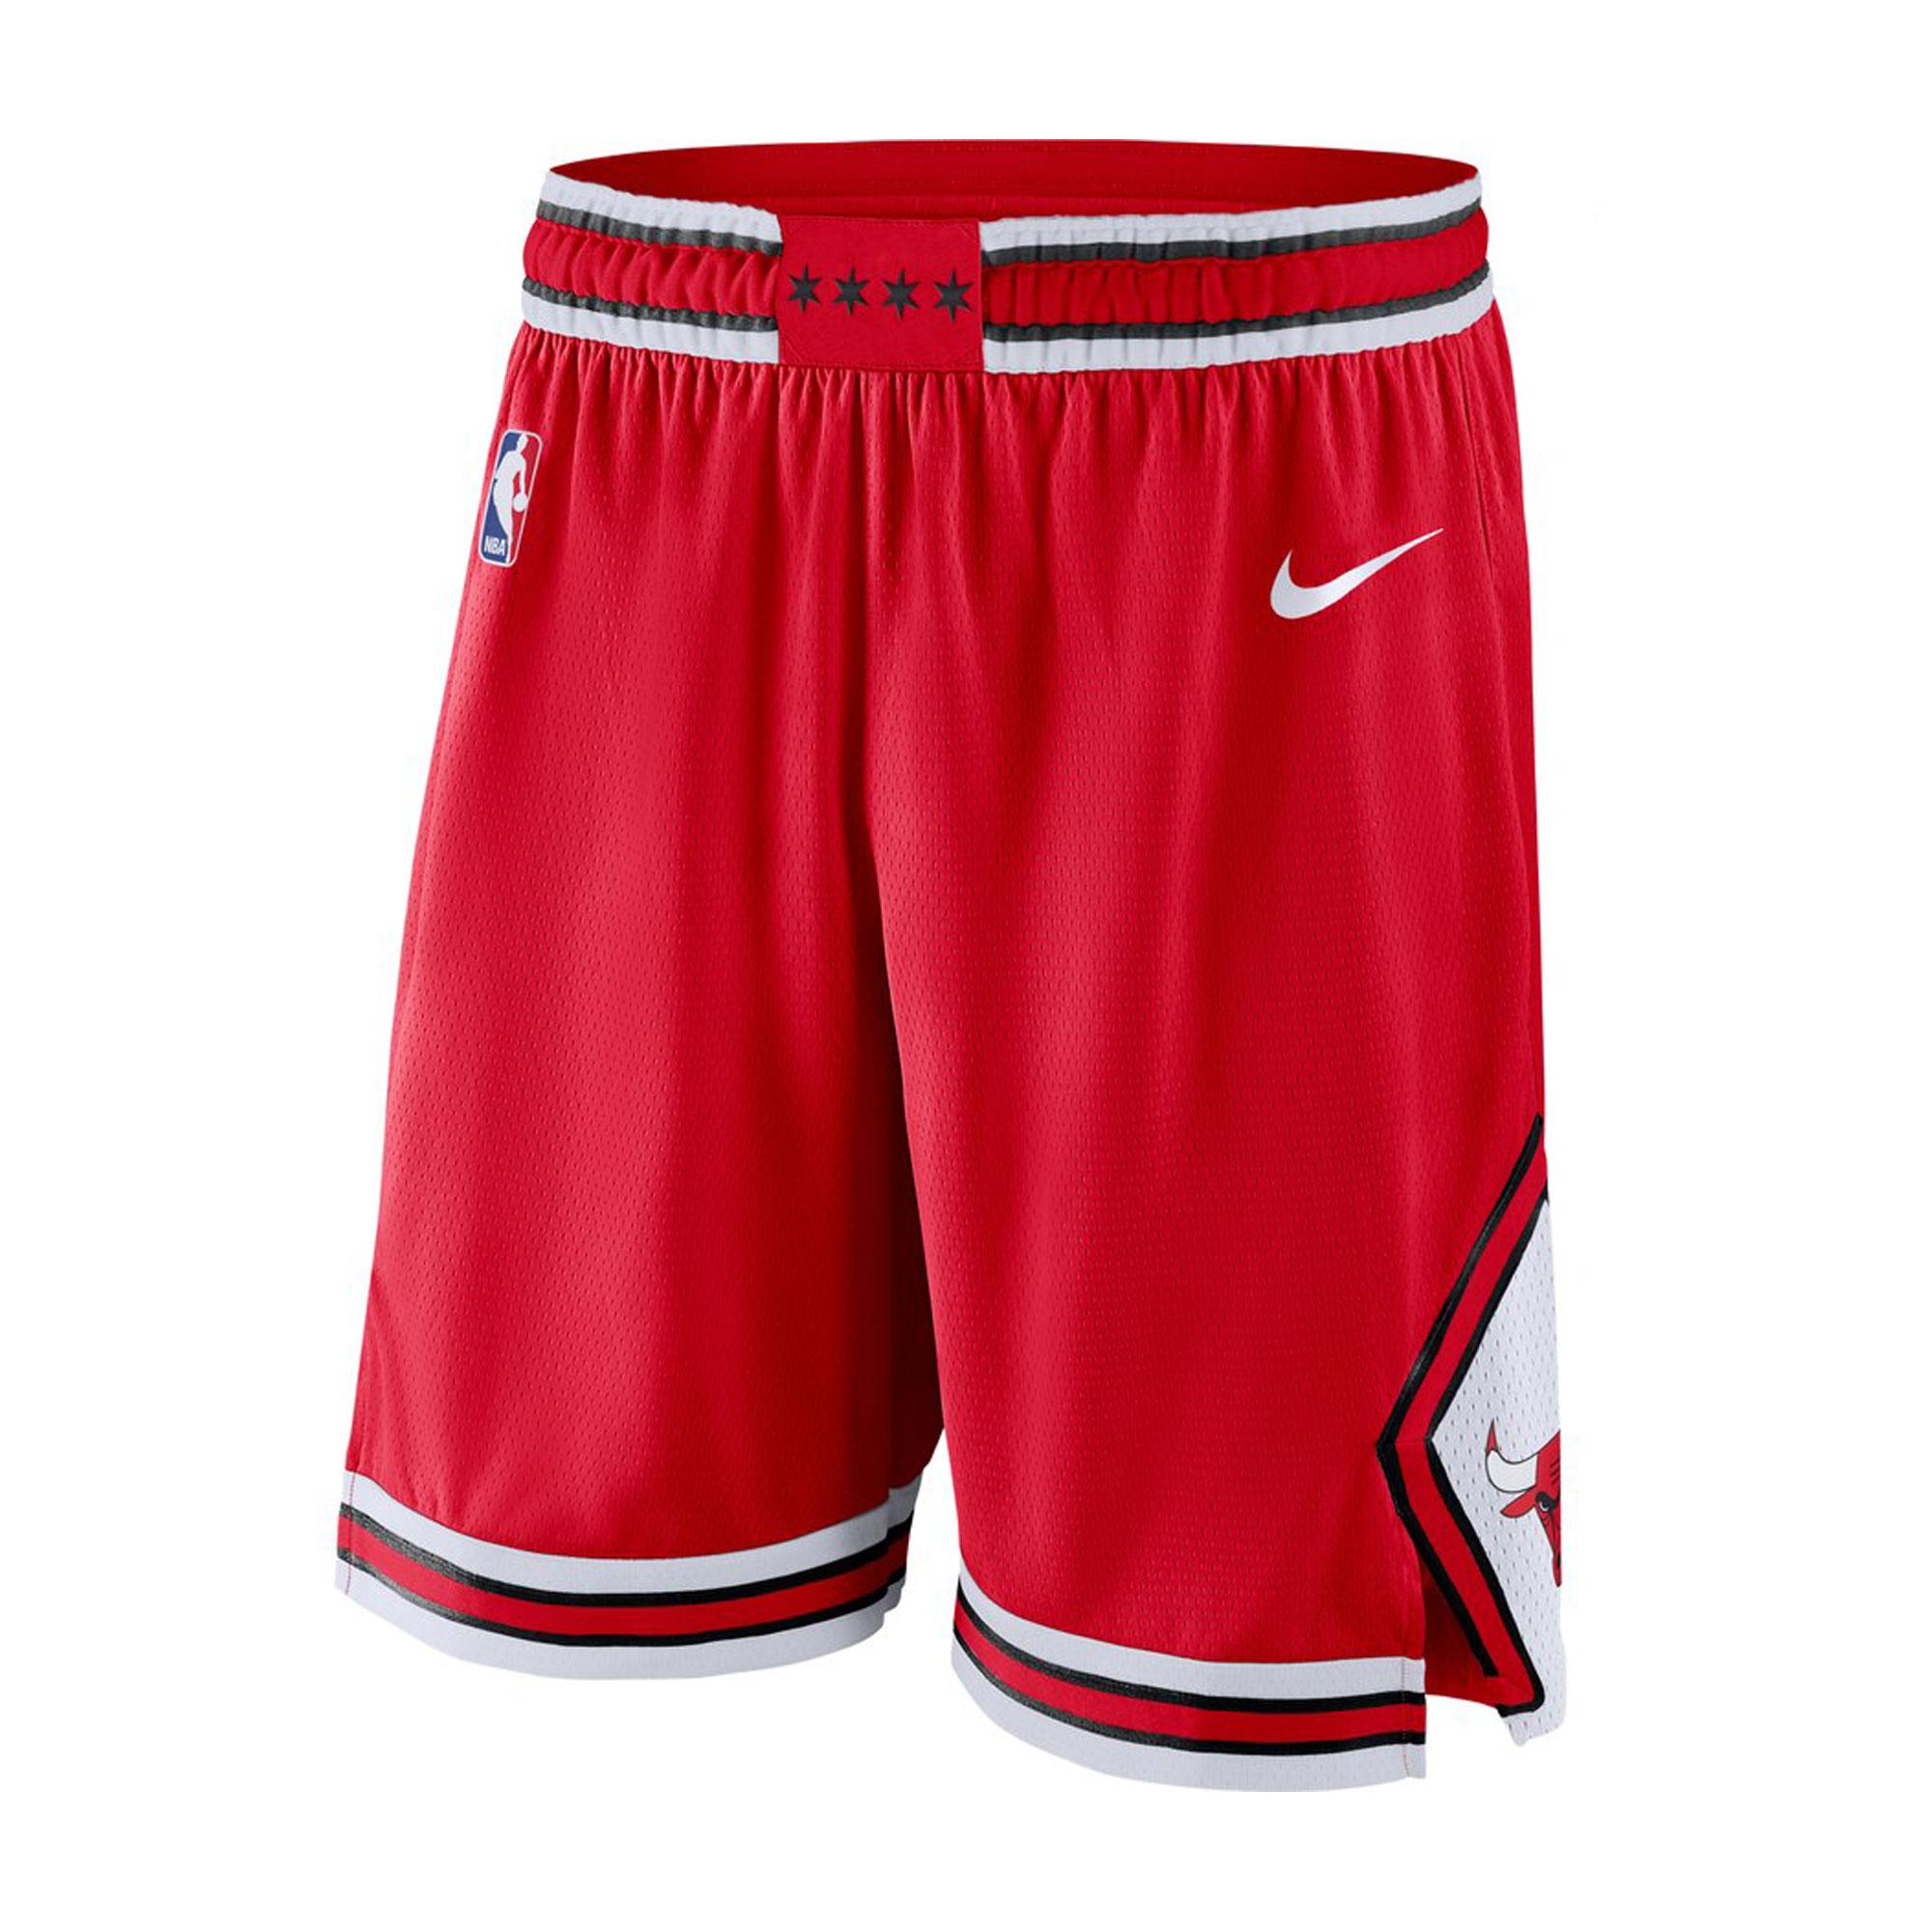 Chicago Bulls Short (SRT-RED-BULLS01)